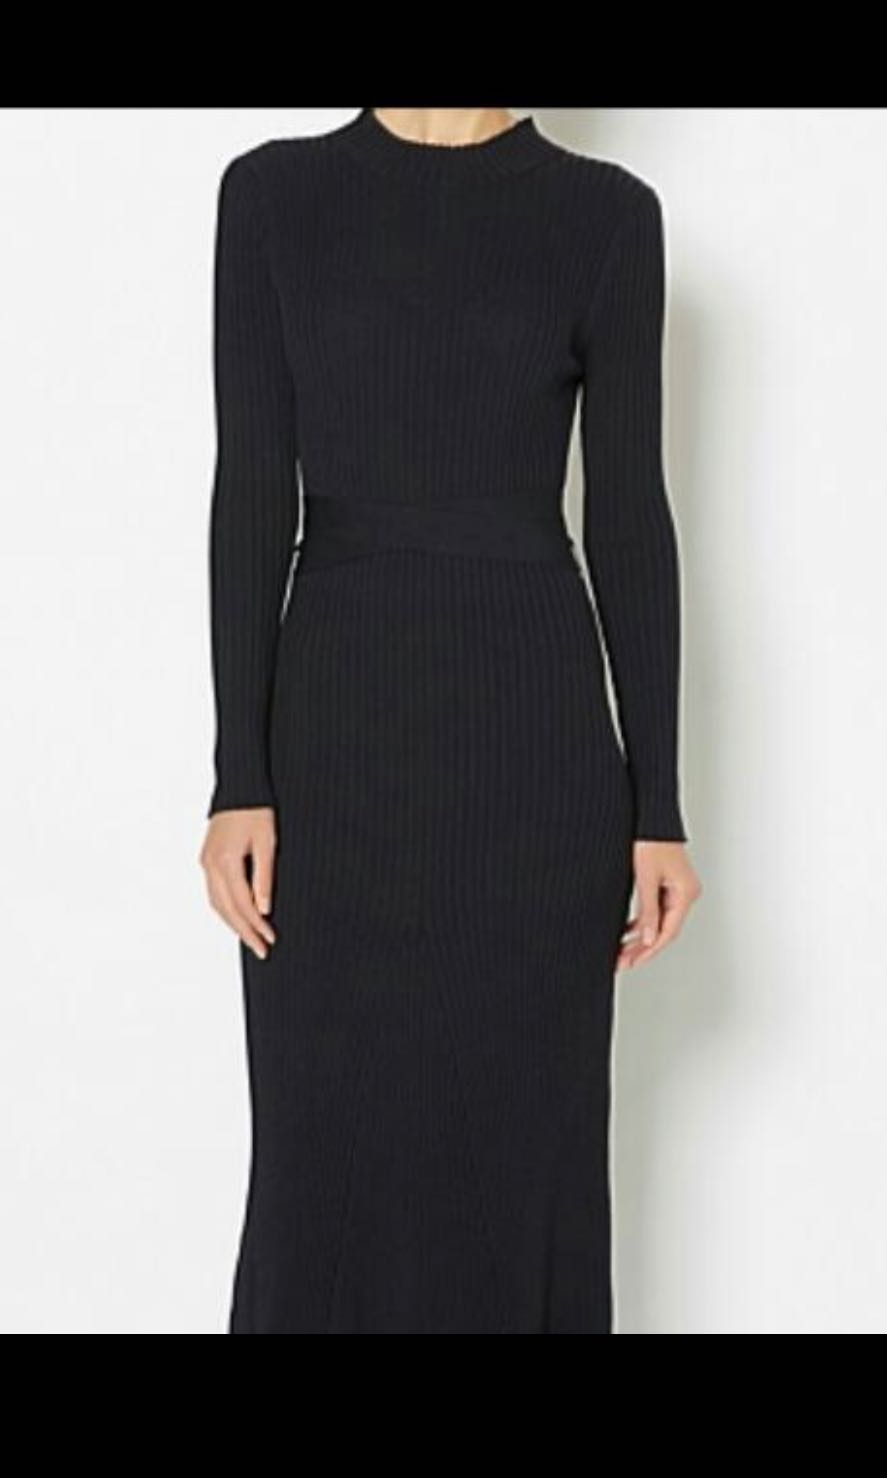 Witchery Knit Dress